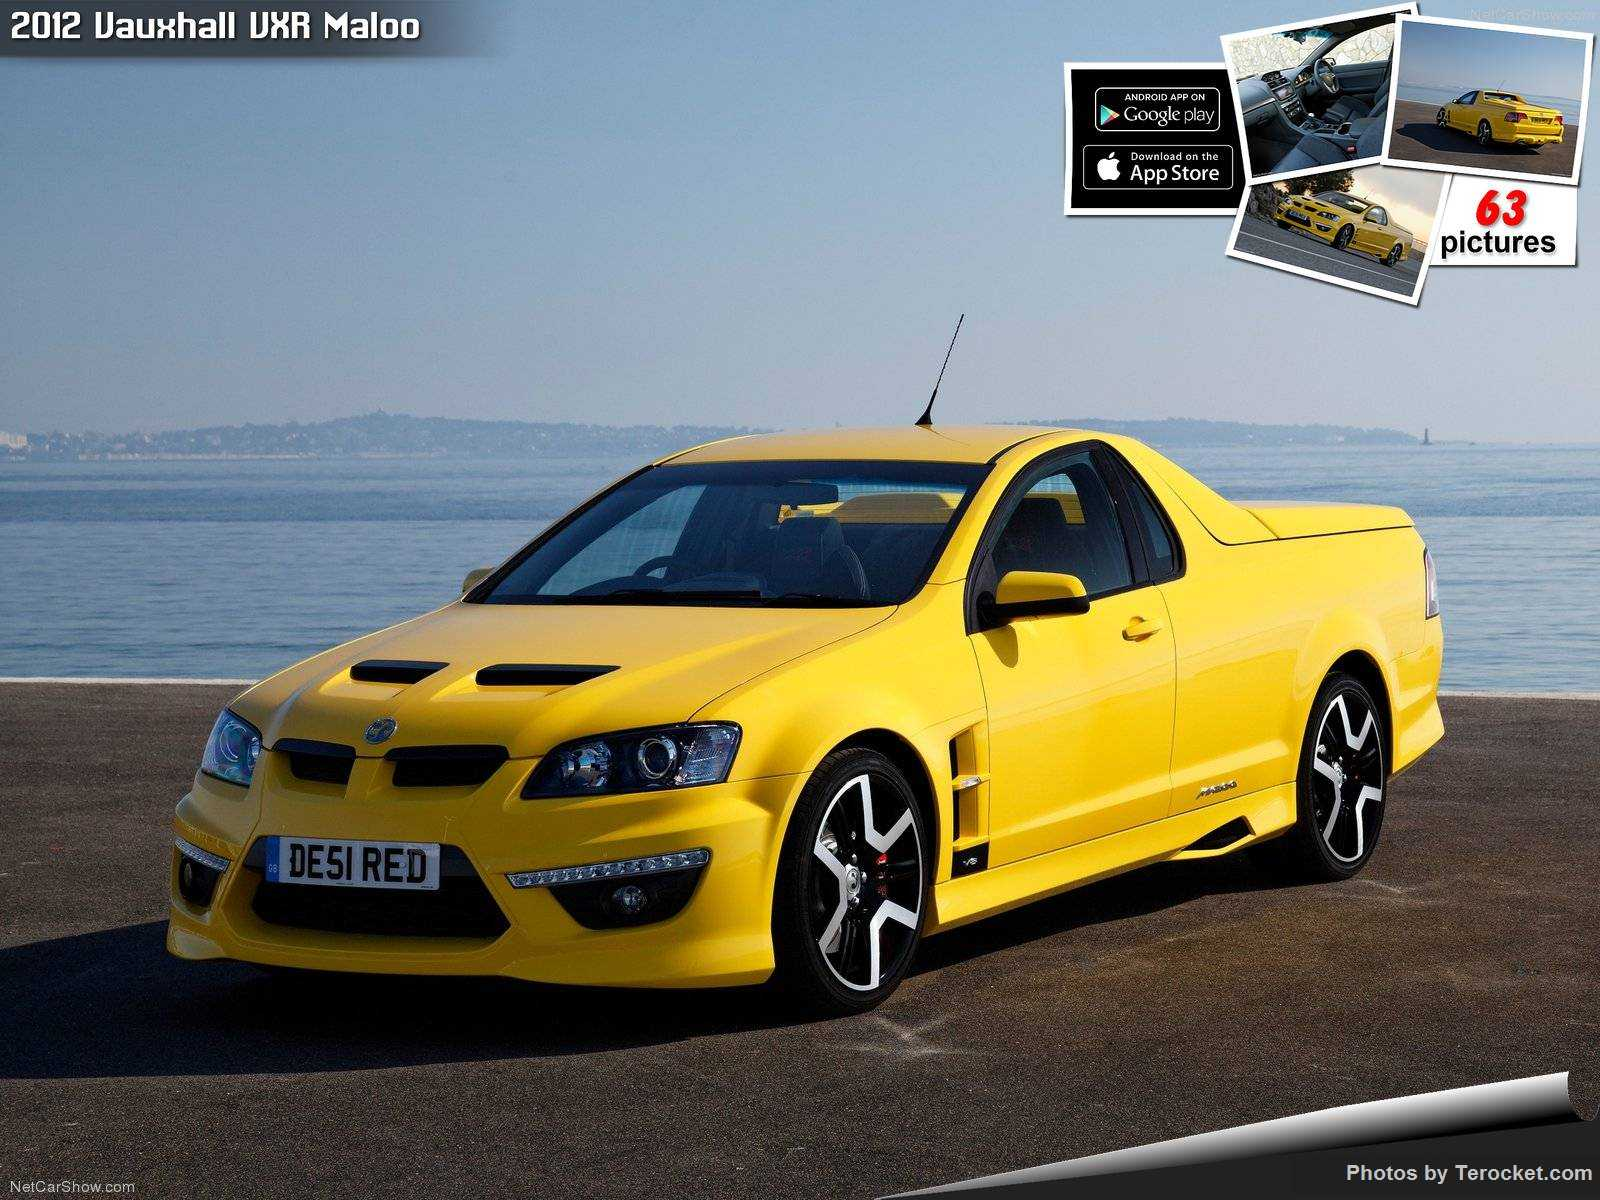 Hình ảnh xe ô tô Vauxhall VXR Maloo 2012 & nội ngoại thất